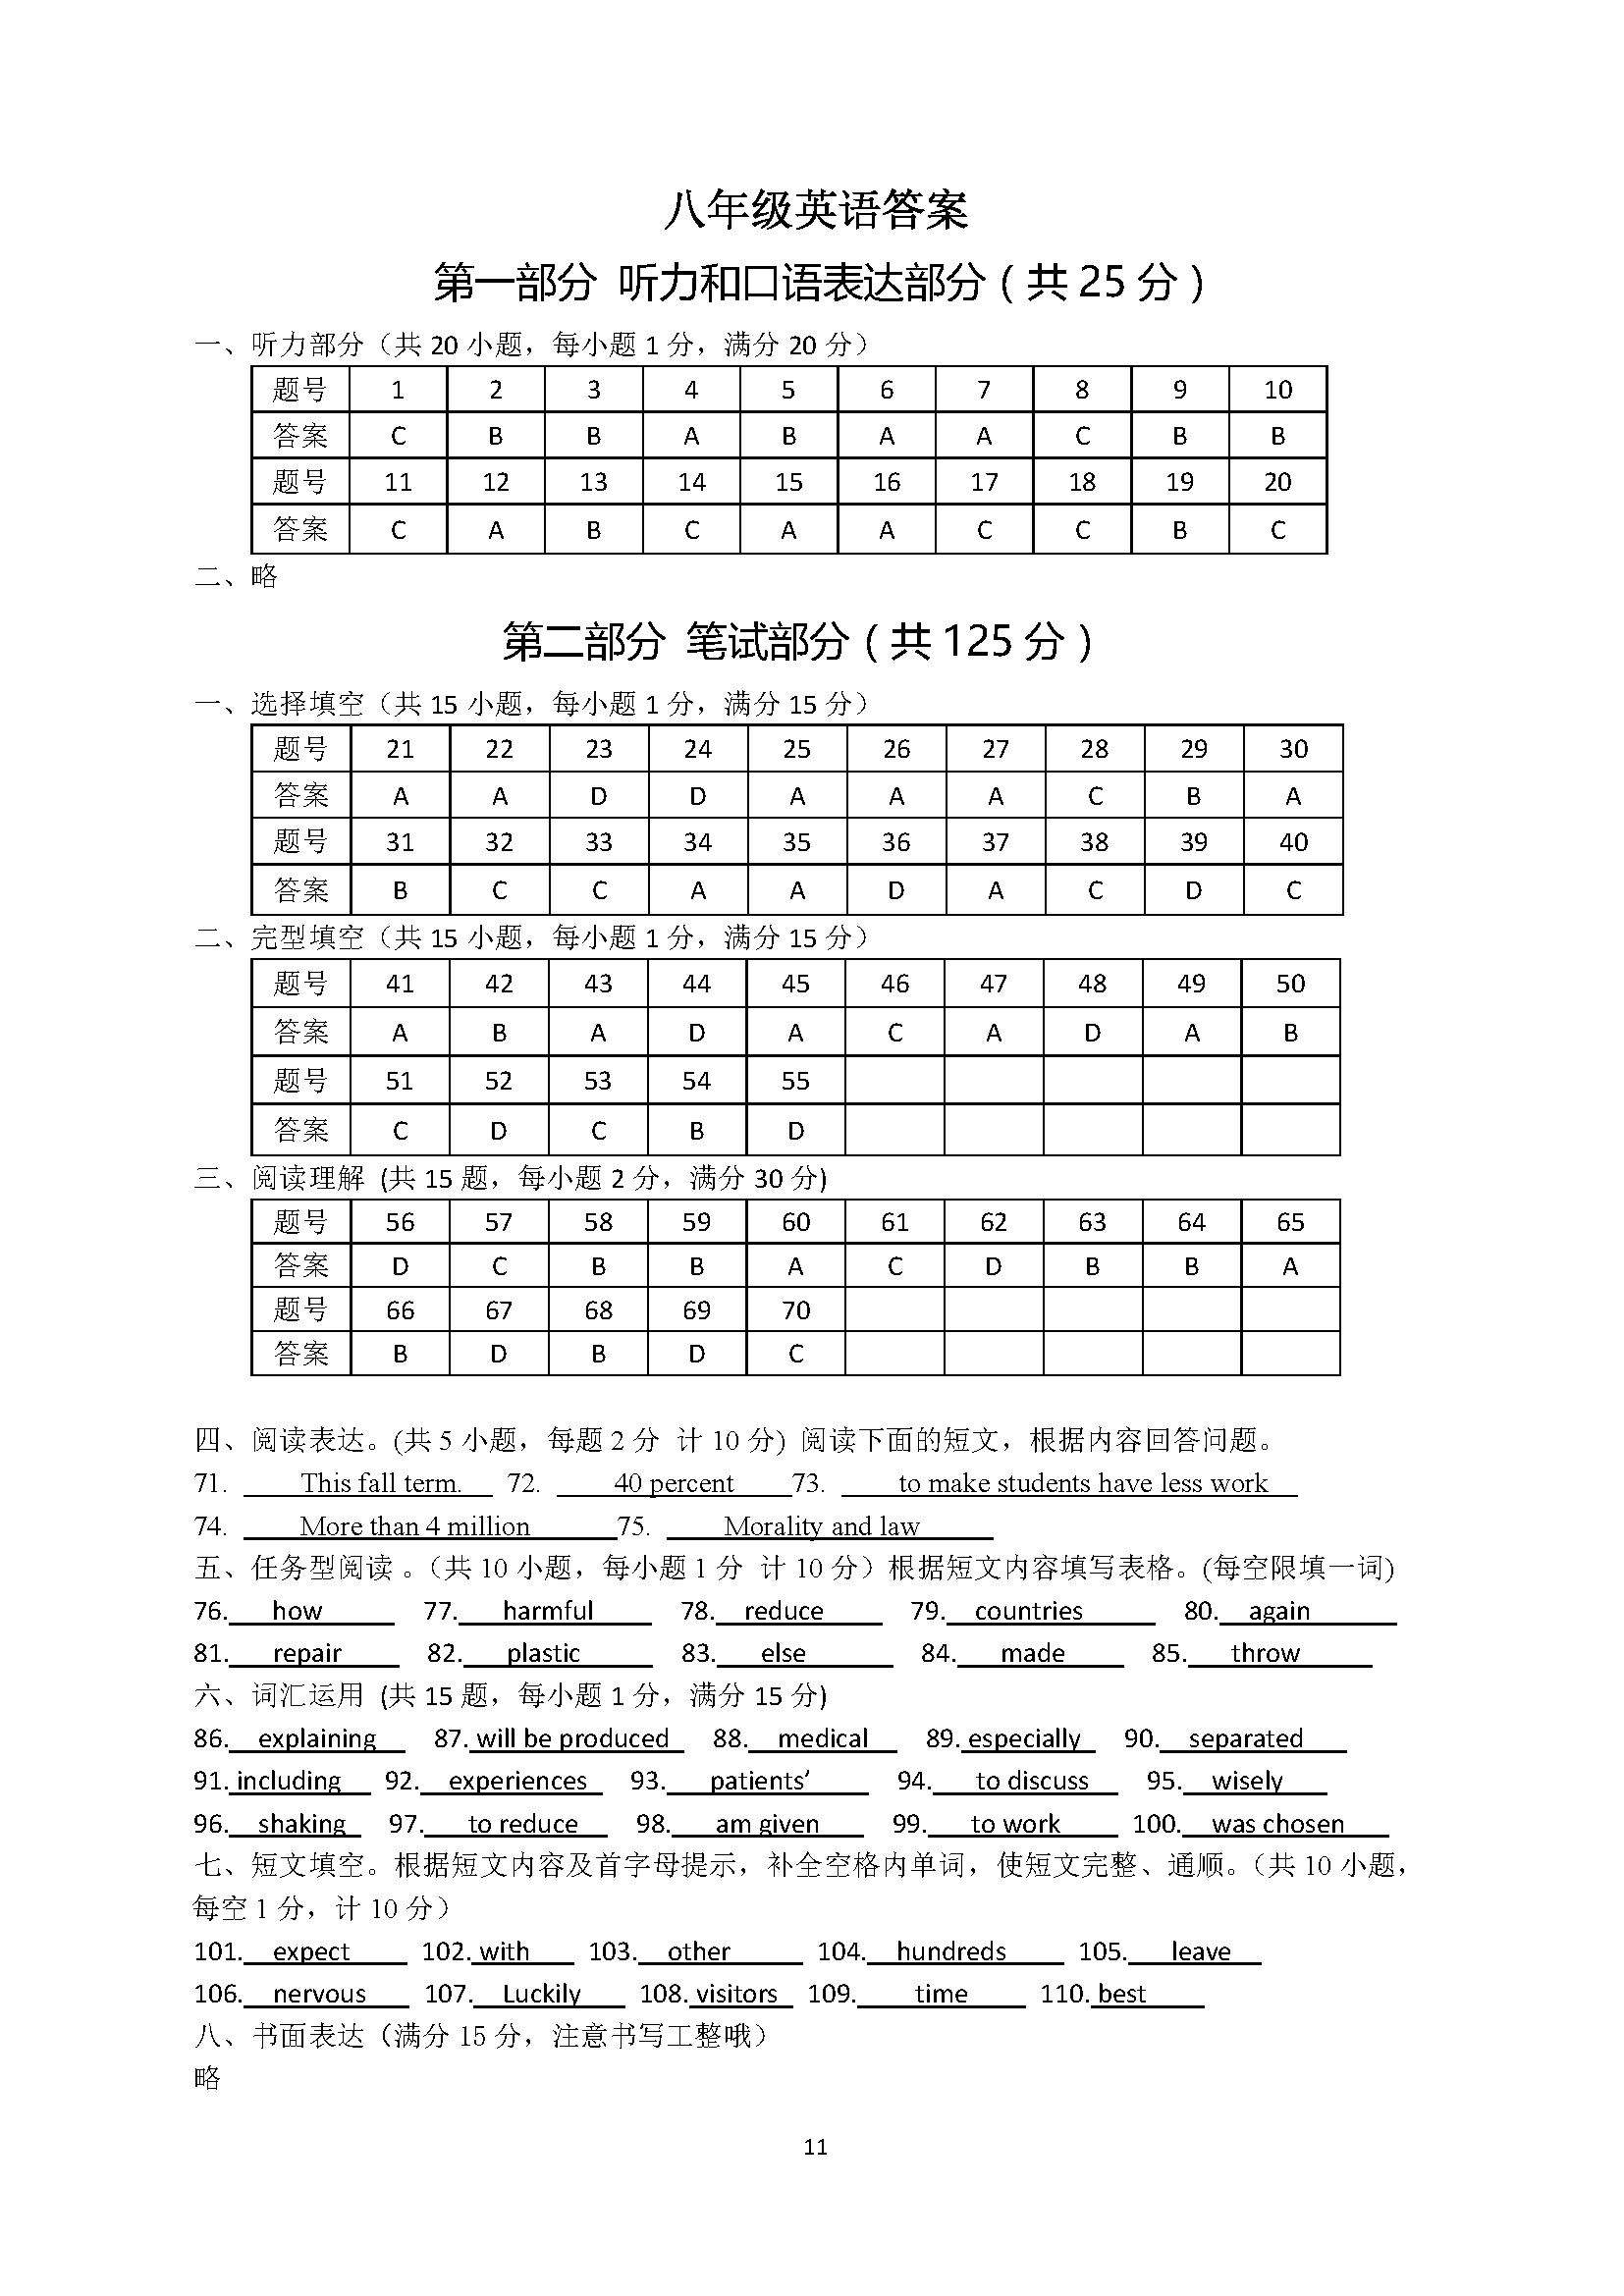 2017江苏靖城中学度八年级下5月独立作业英语试题答案(Word版)